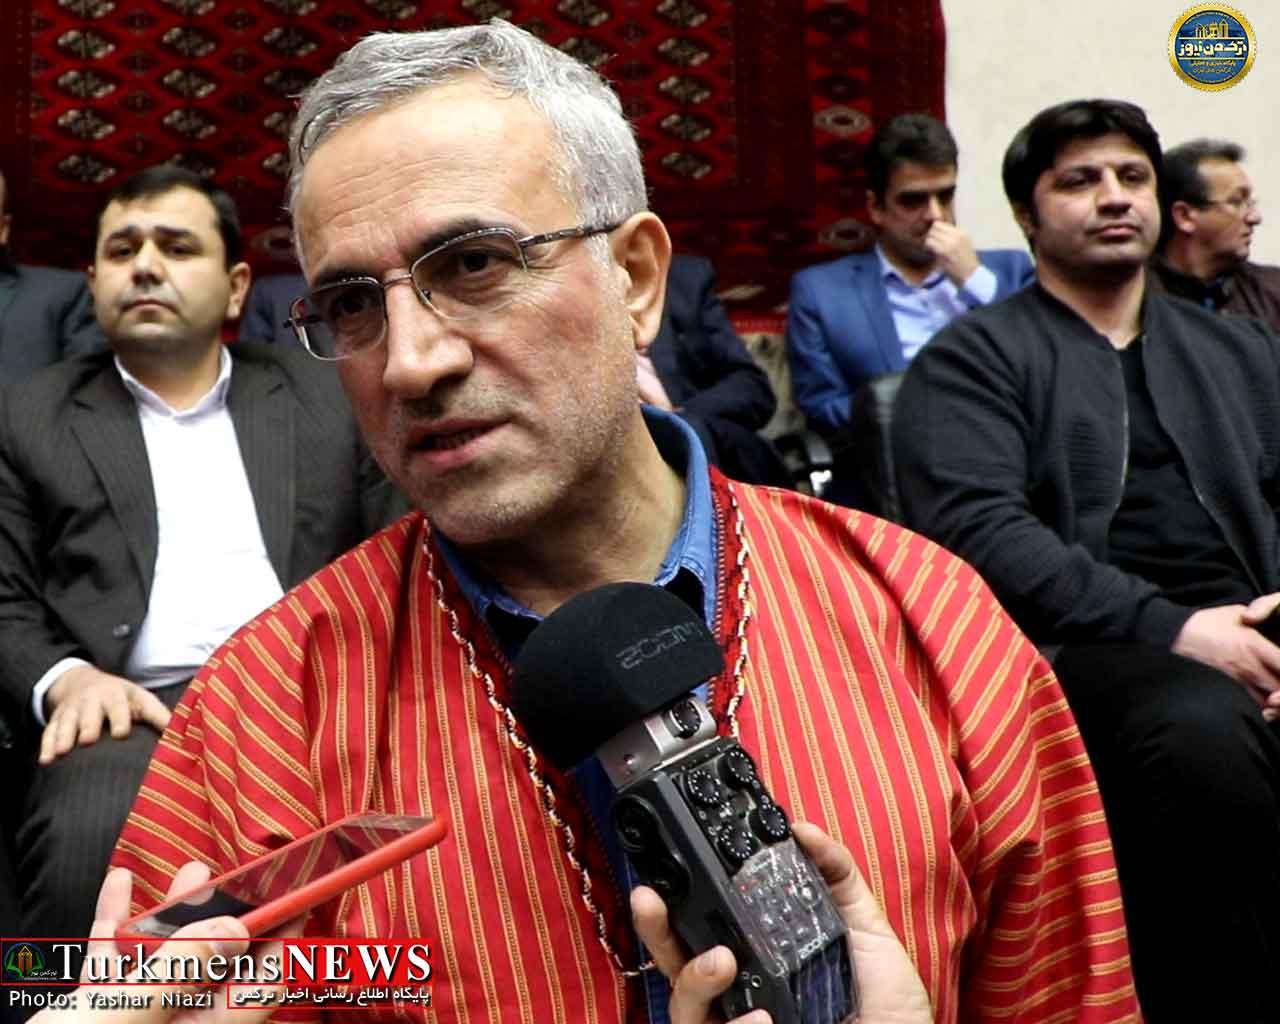 احمد ضیایی رییس فدراسیون والیبال ایران